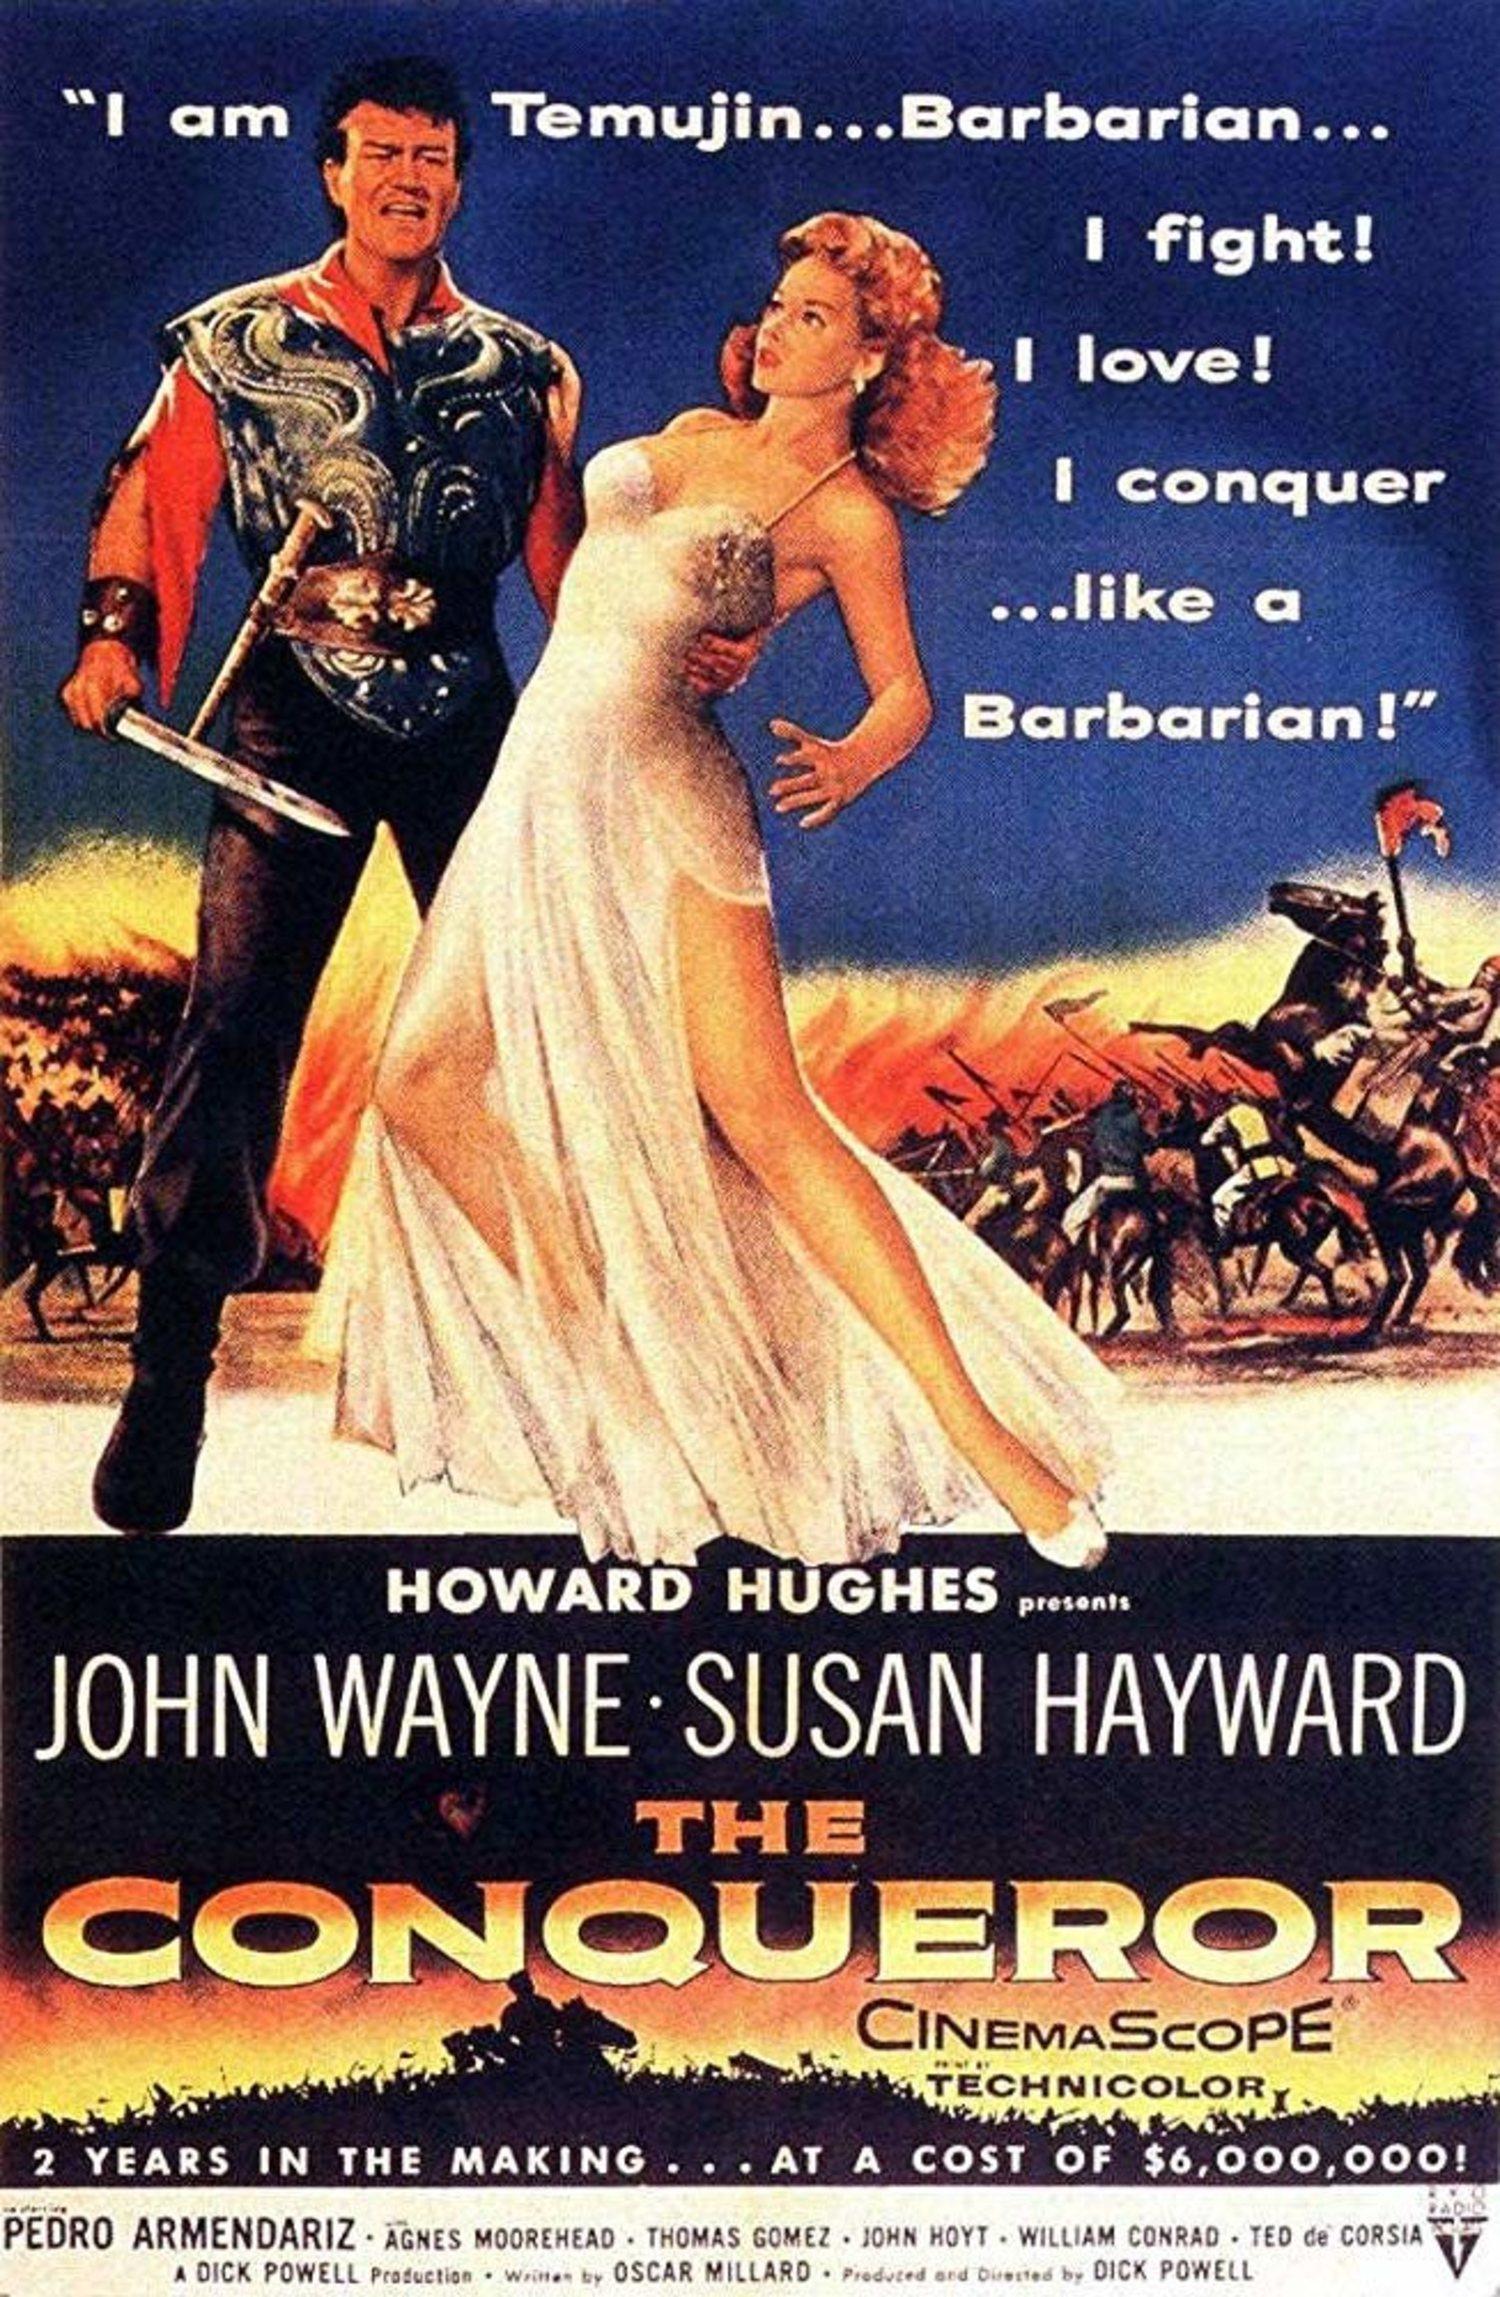 El rodaje de la película se hizo cerca de una zona donde el gobierno estadounidense había realizado pruebas nucleares.